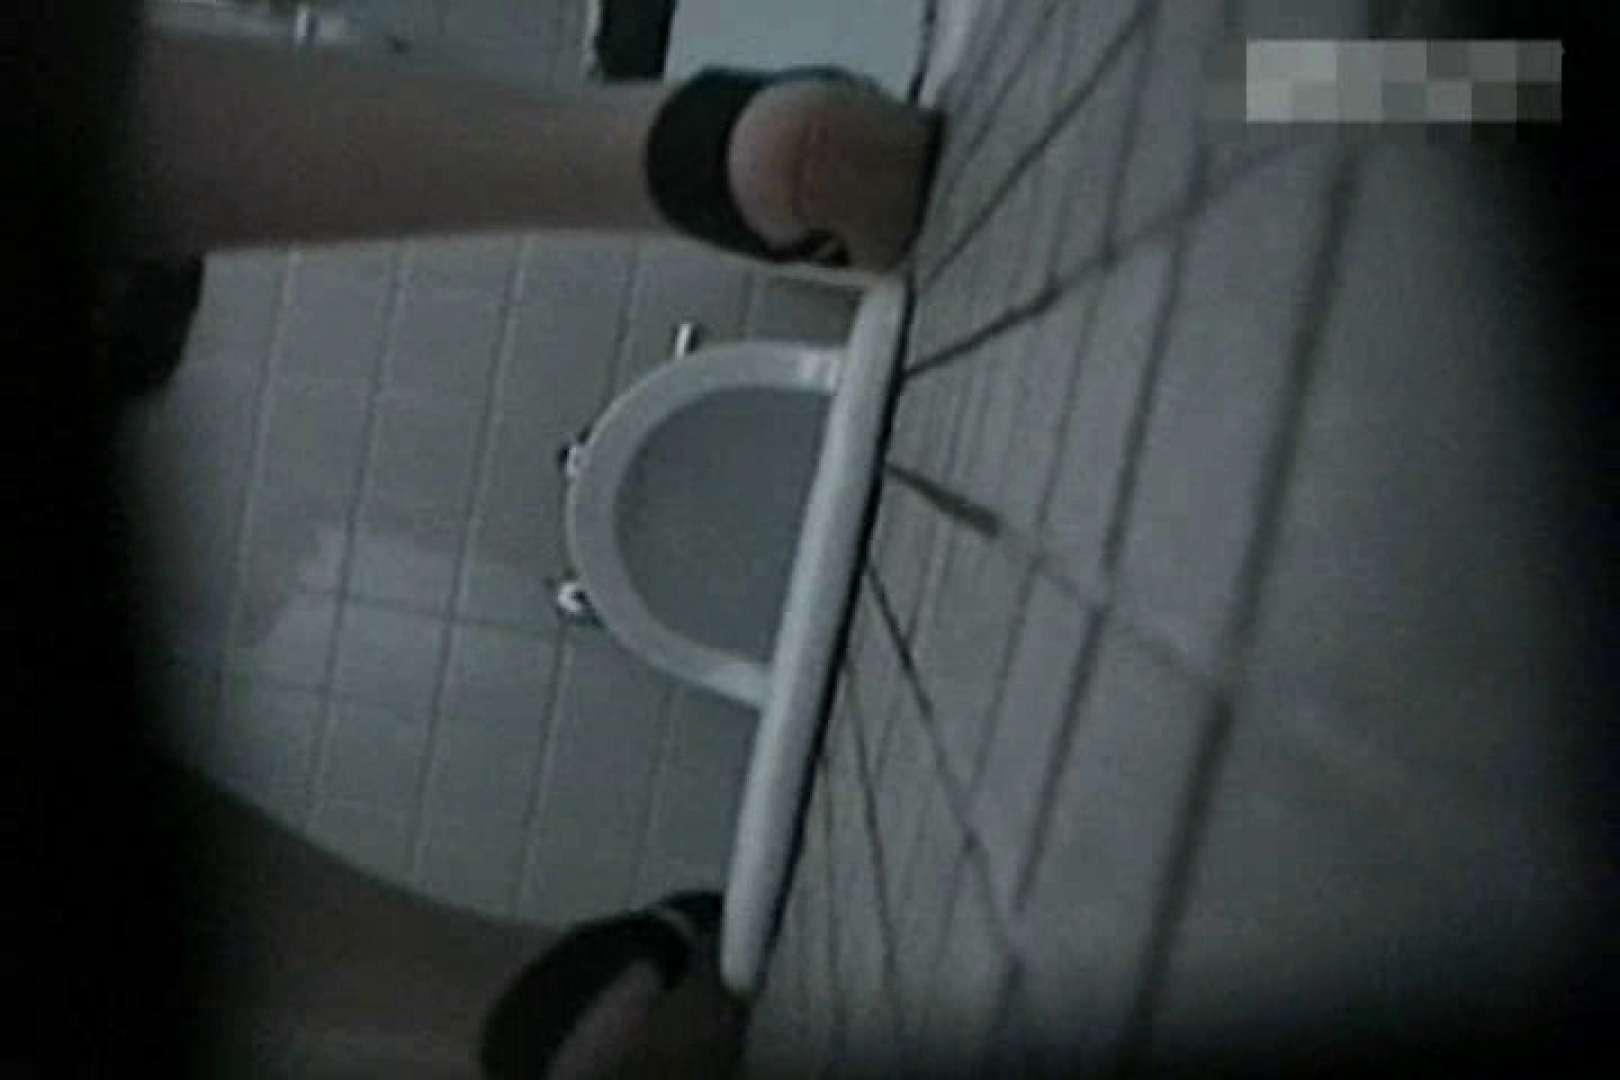 個室狂いのマニア映像Vol.2 ギャルヌード SEX無修正画像 98画像 38